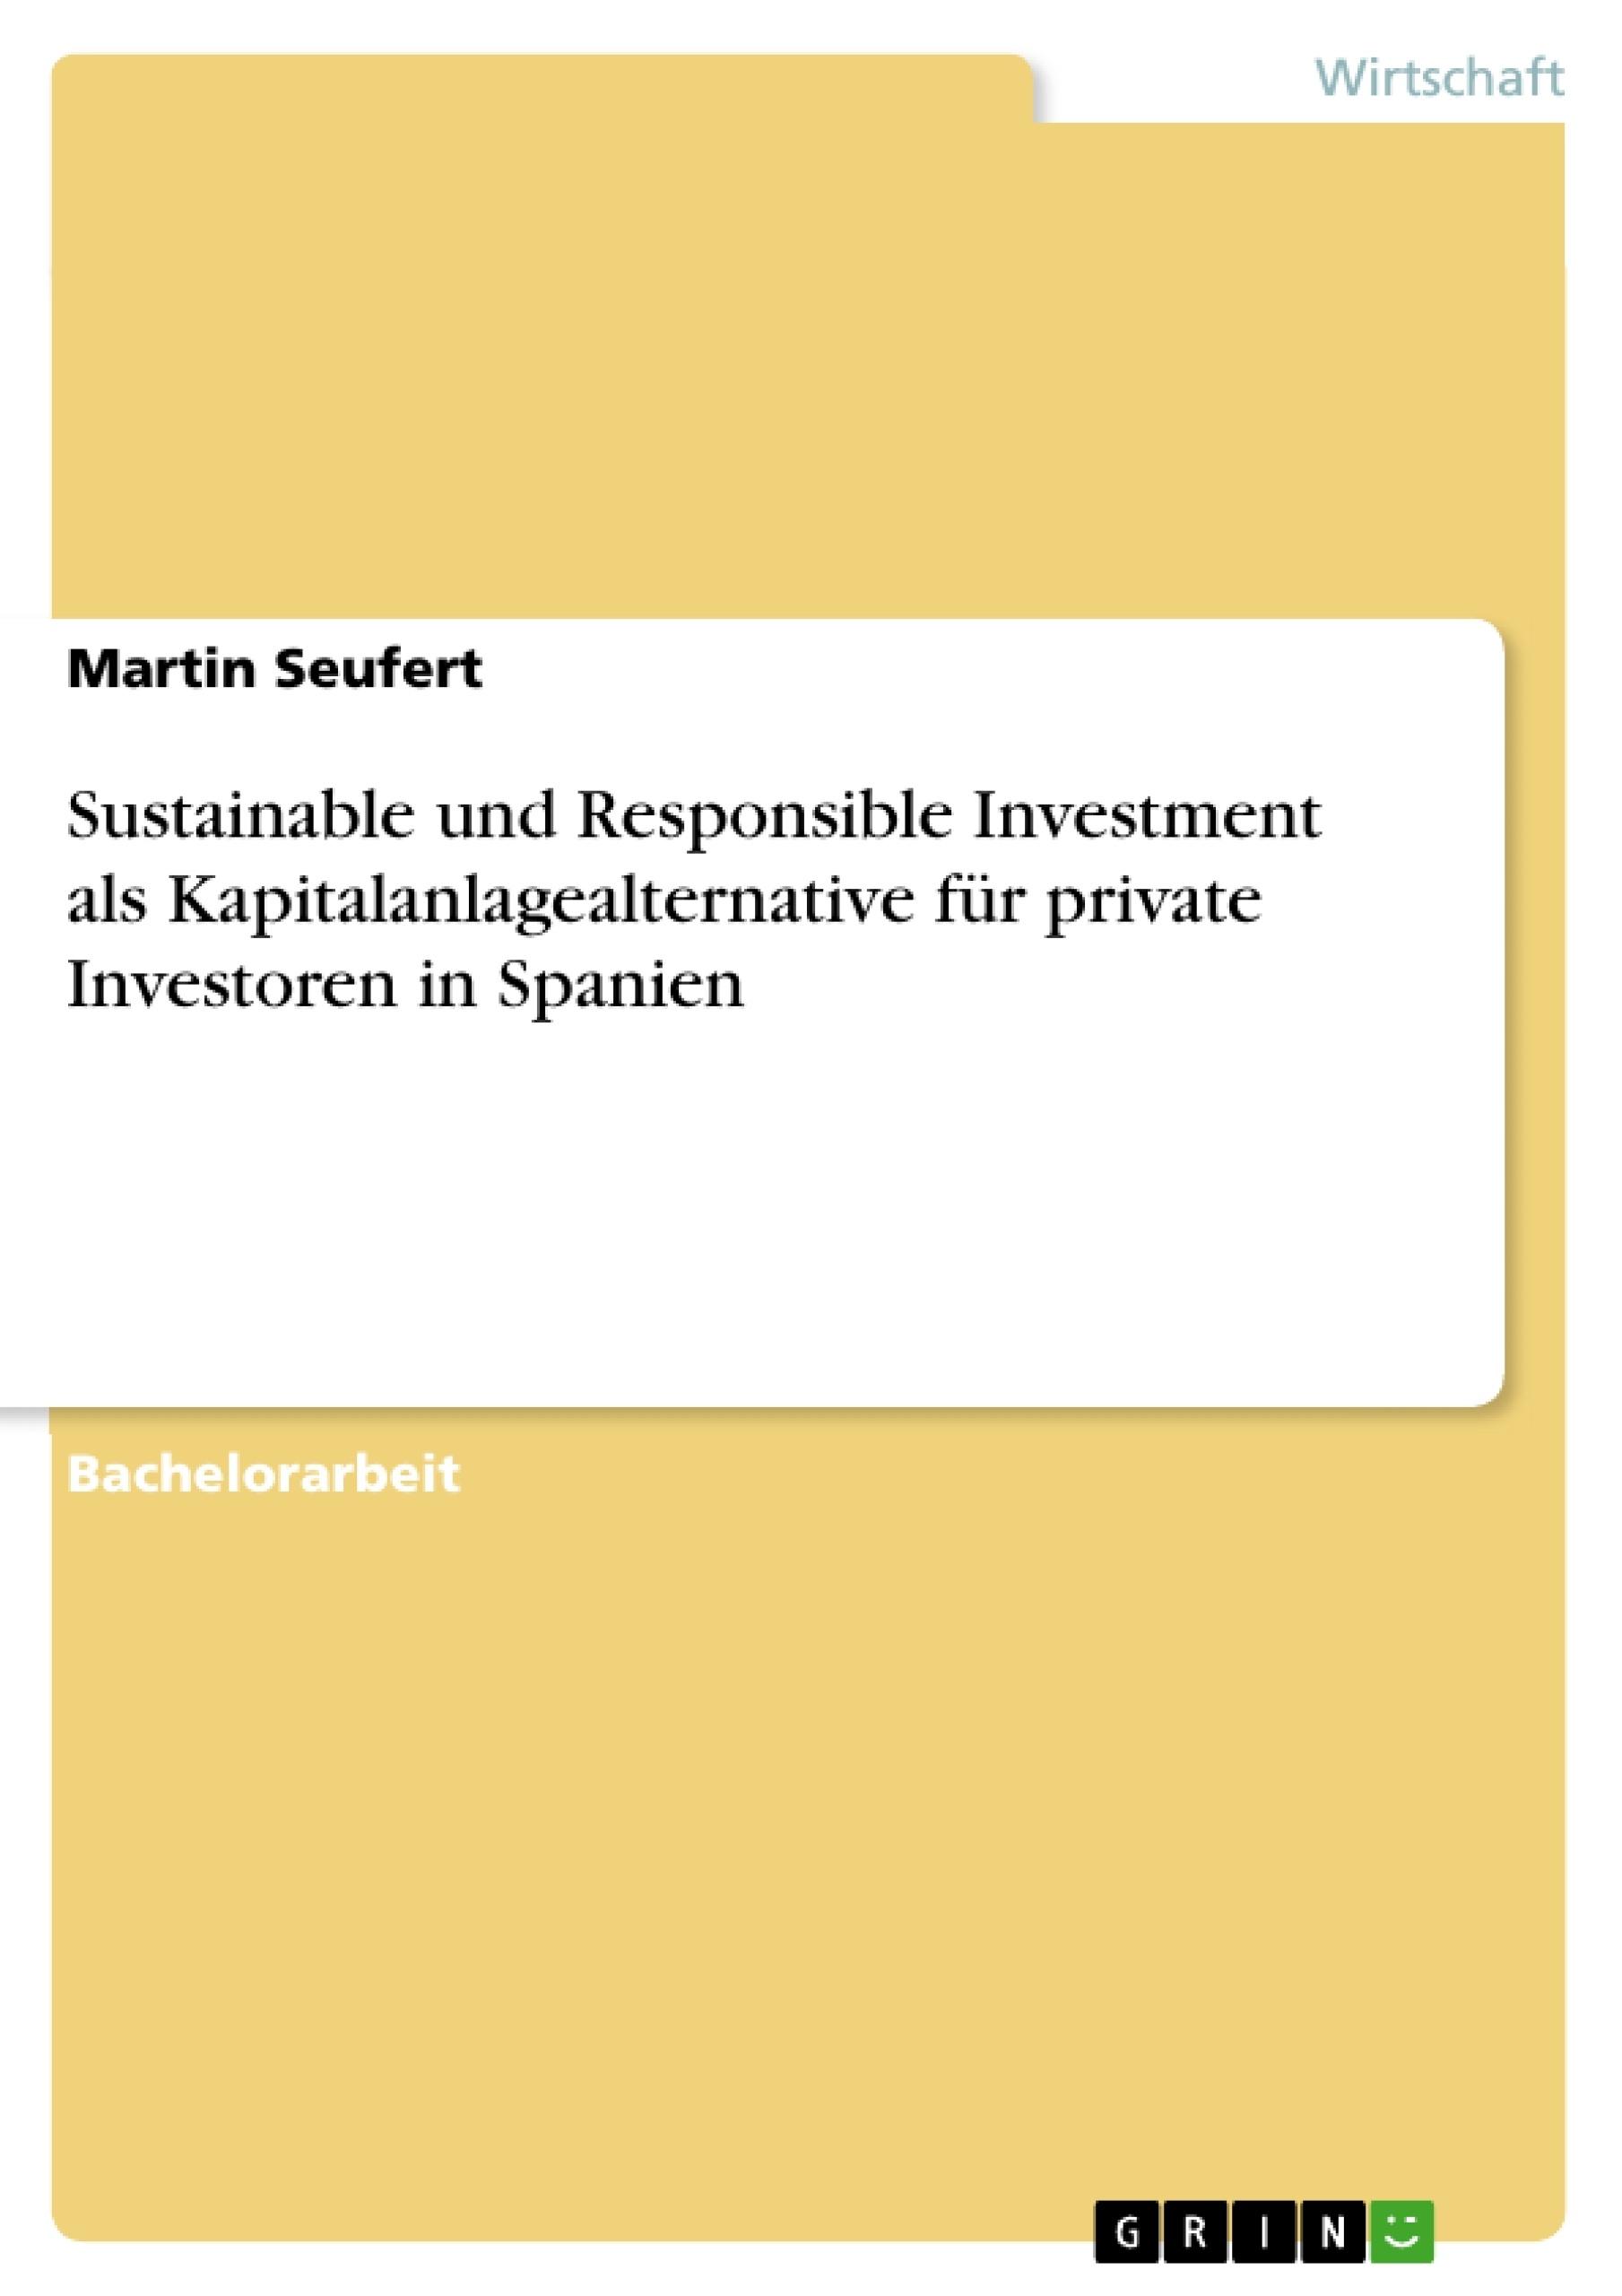 Titel: Sustainable und Responsible Investment als Kapitalanlagealternative für private Investoren in Spanien